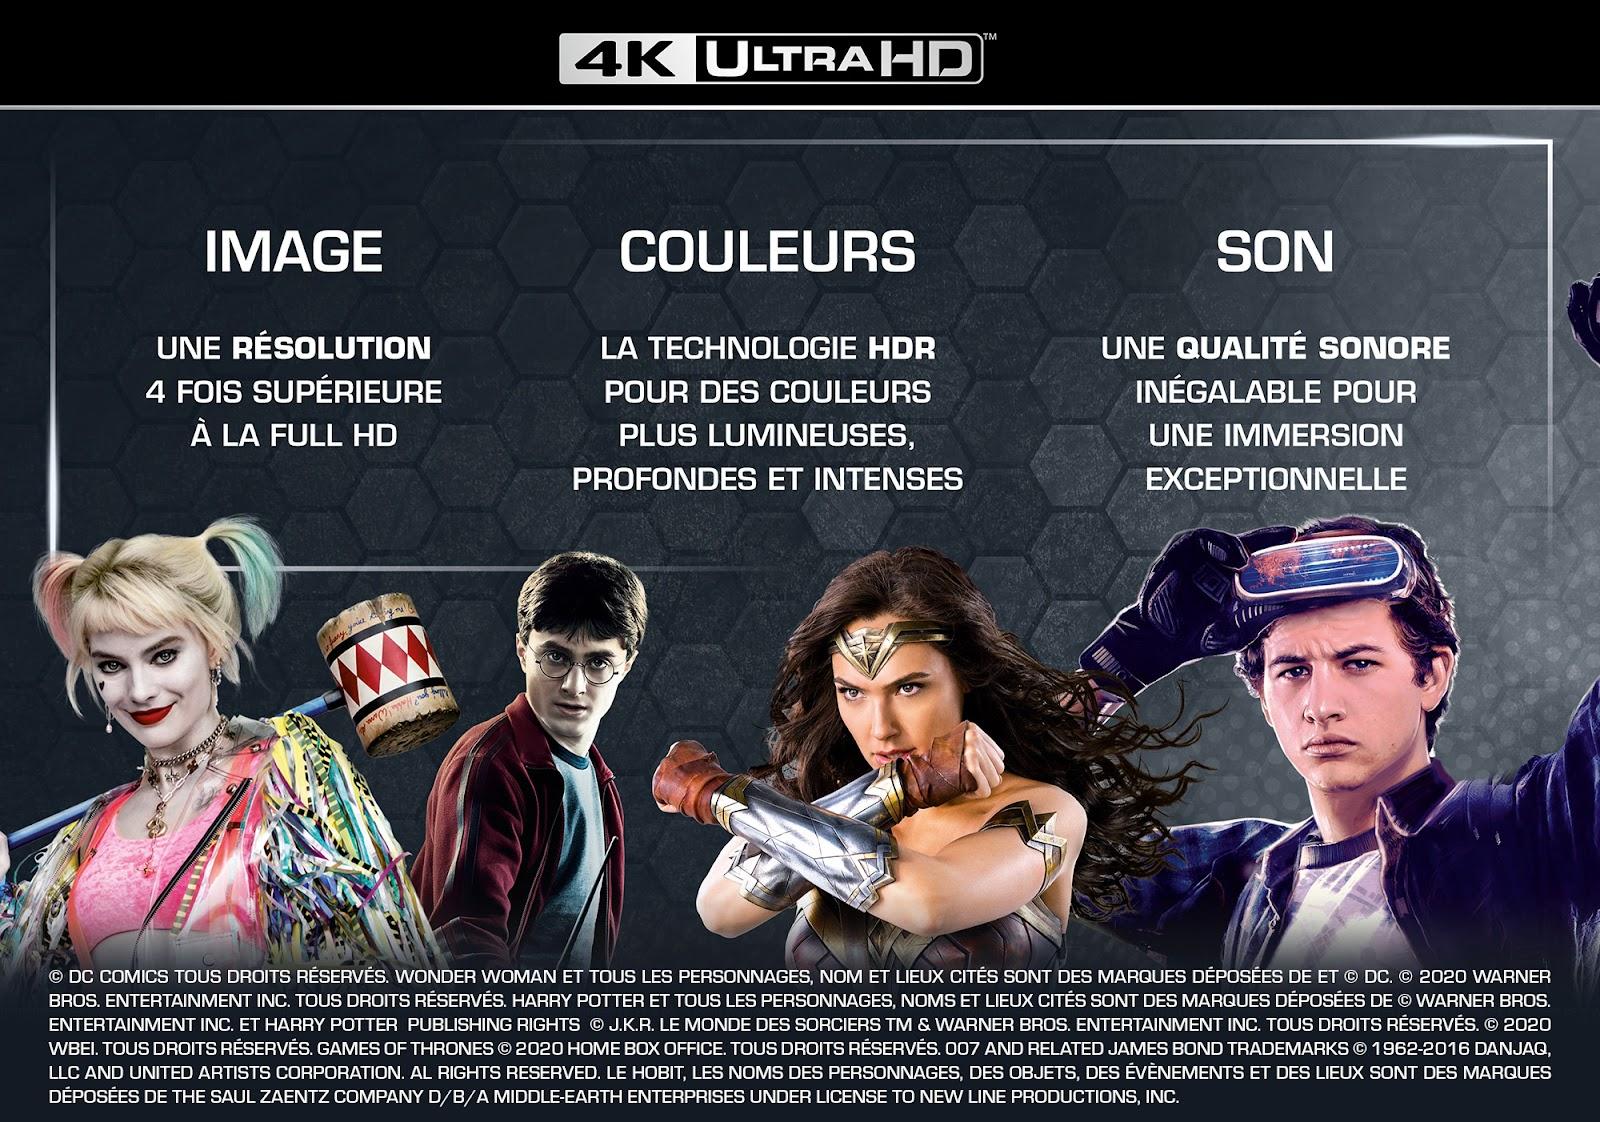 Le Blu-ray 4K Ultra HD, c'est l'assurance de profiter de la plus belle image, de couleurs riches, de contrastes élevés et d'une qualité de son optimale.